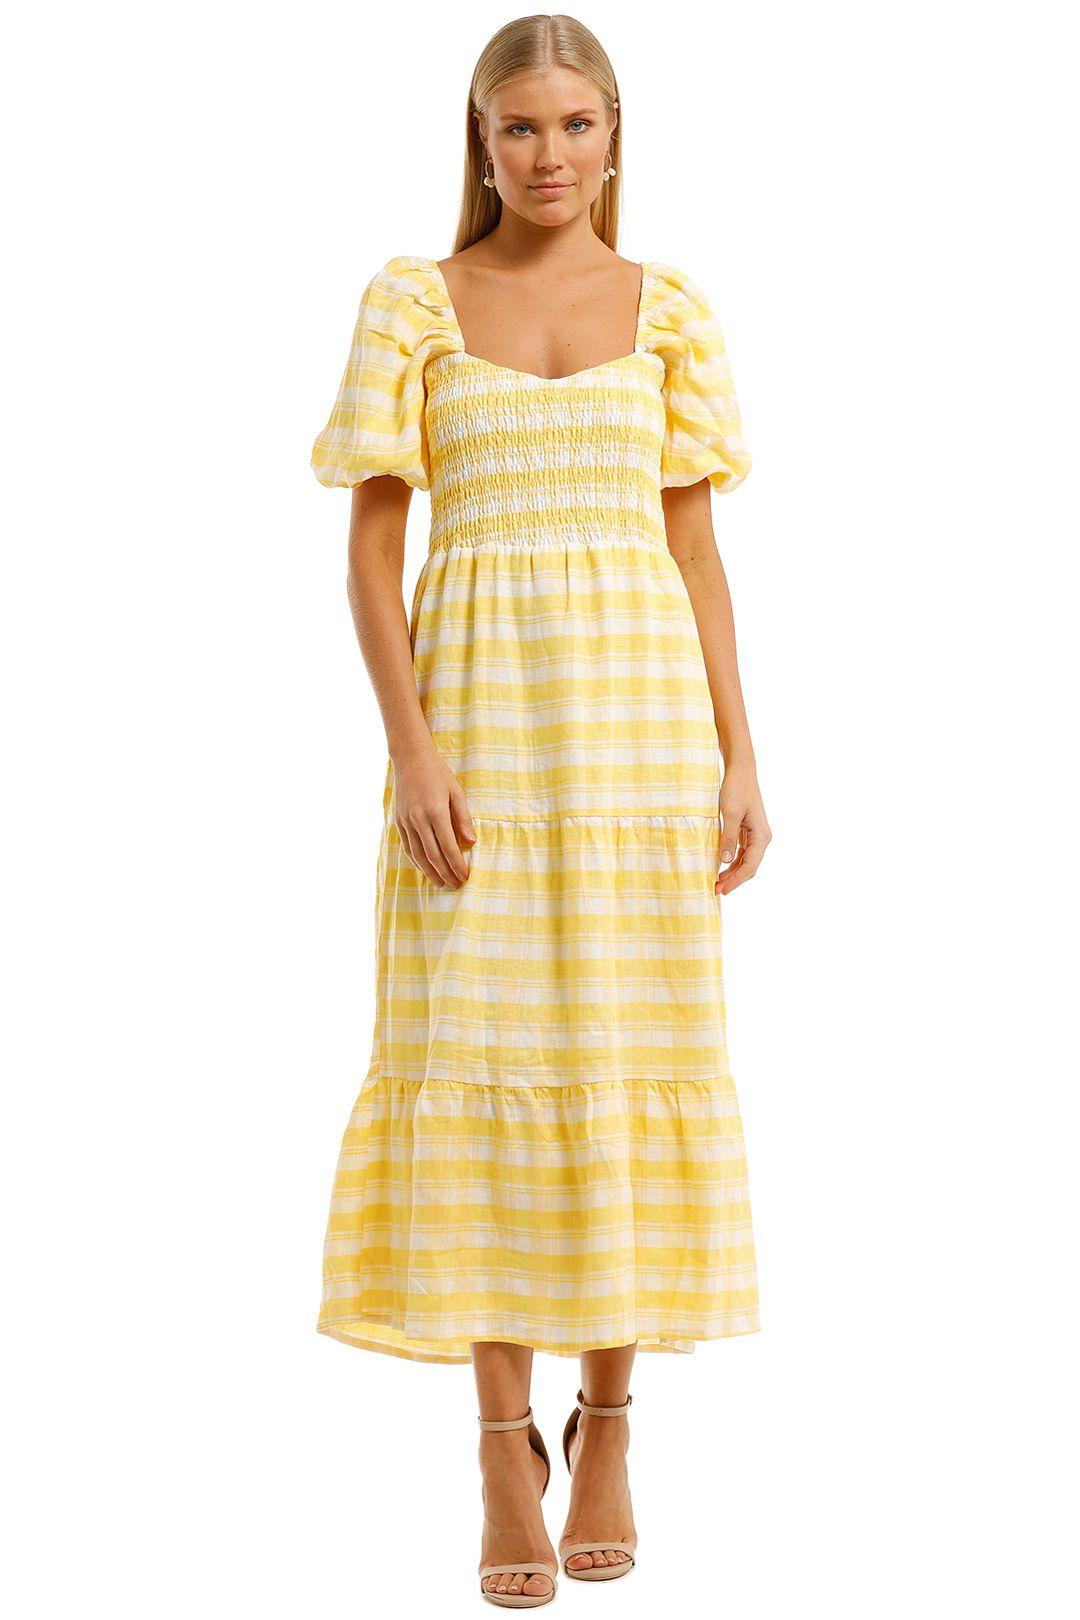 Faithfull-Gianna-Short-Sleeve-Midi-Dress-Front